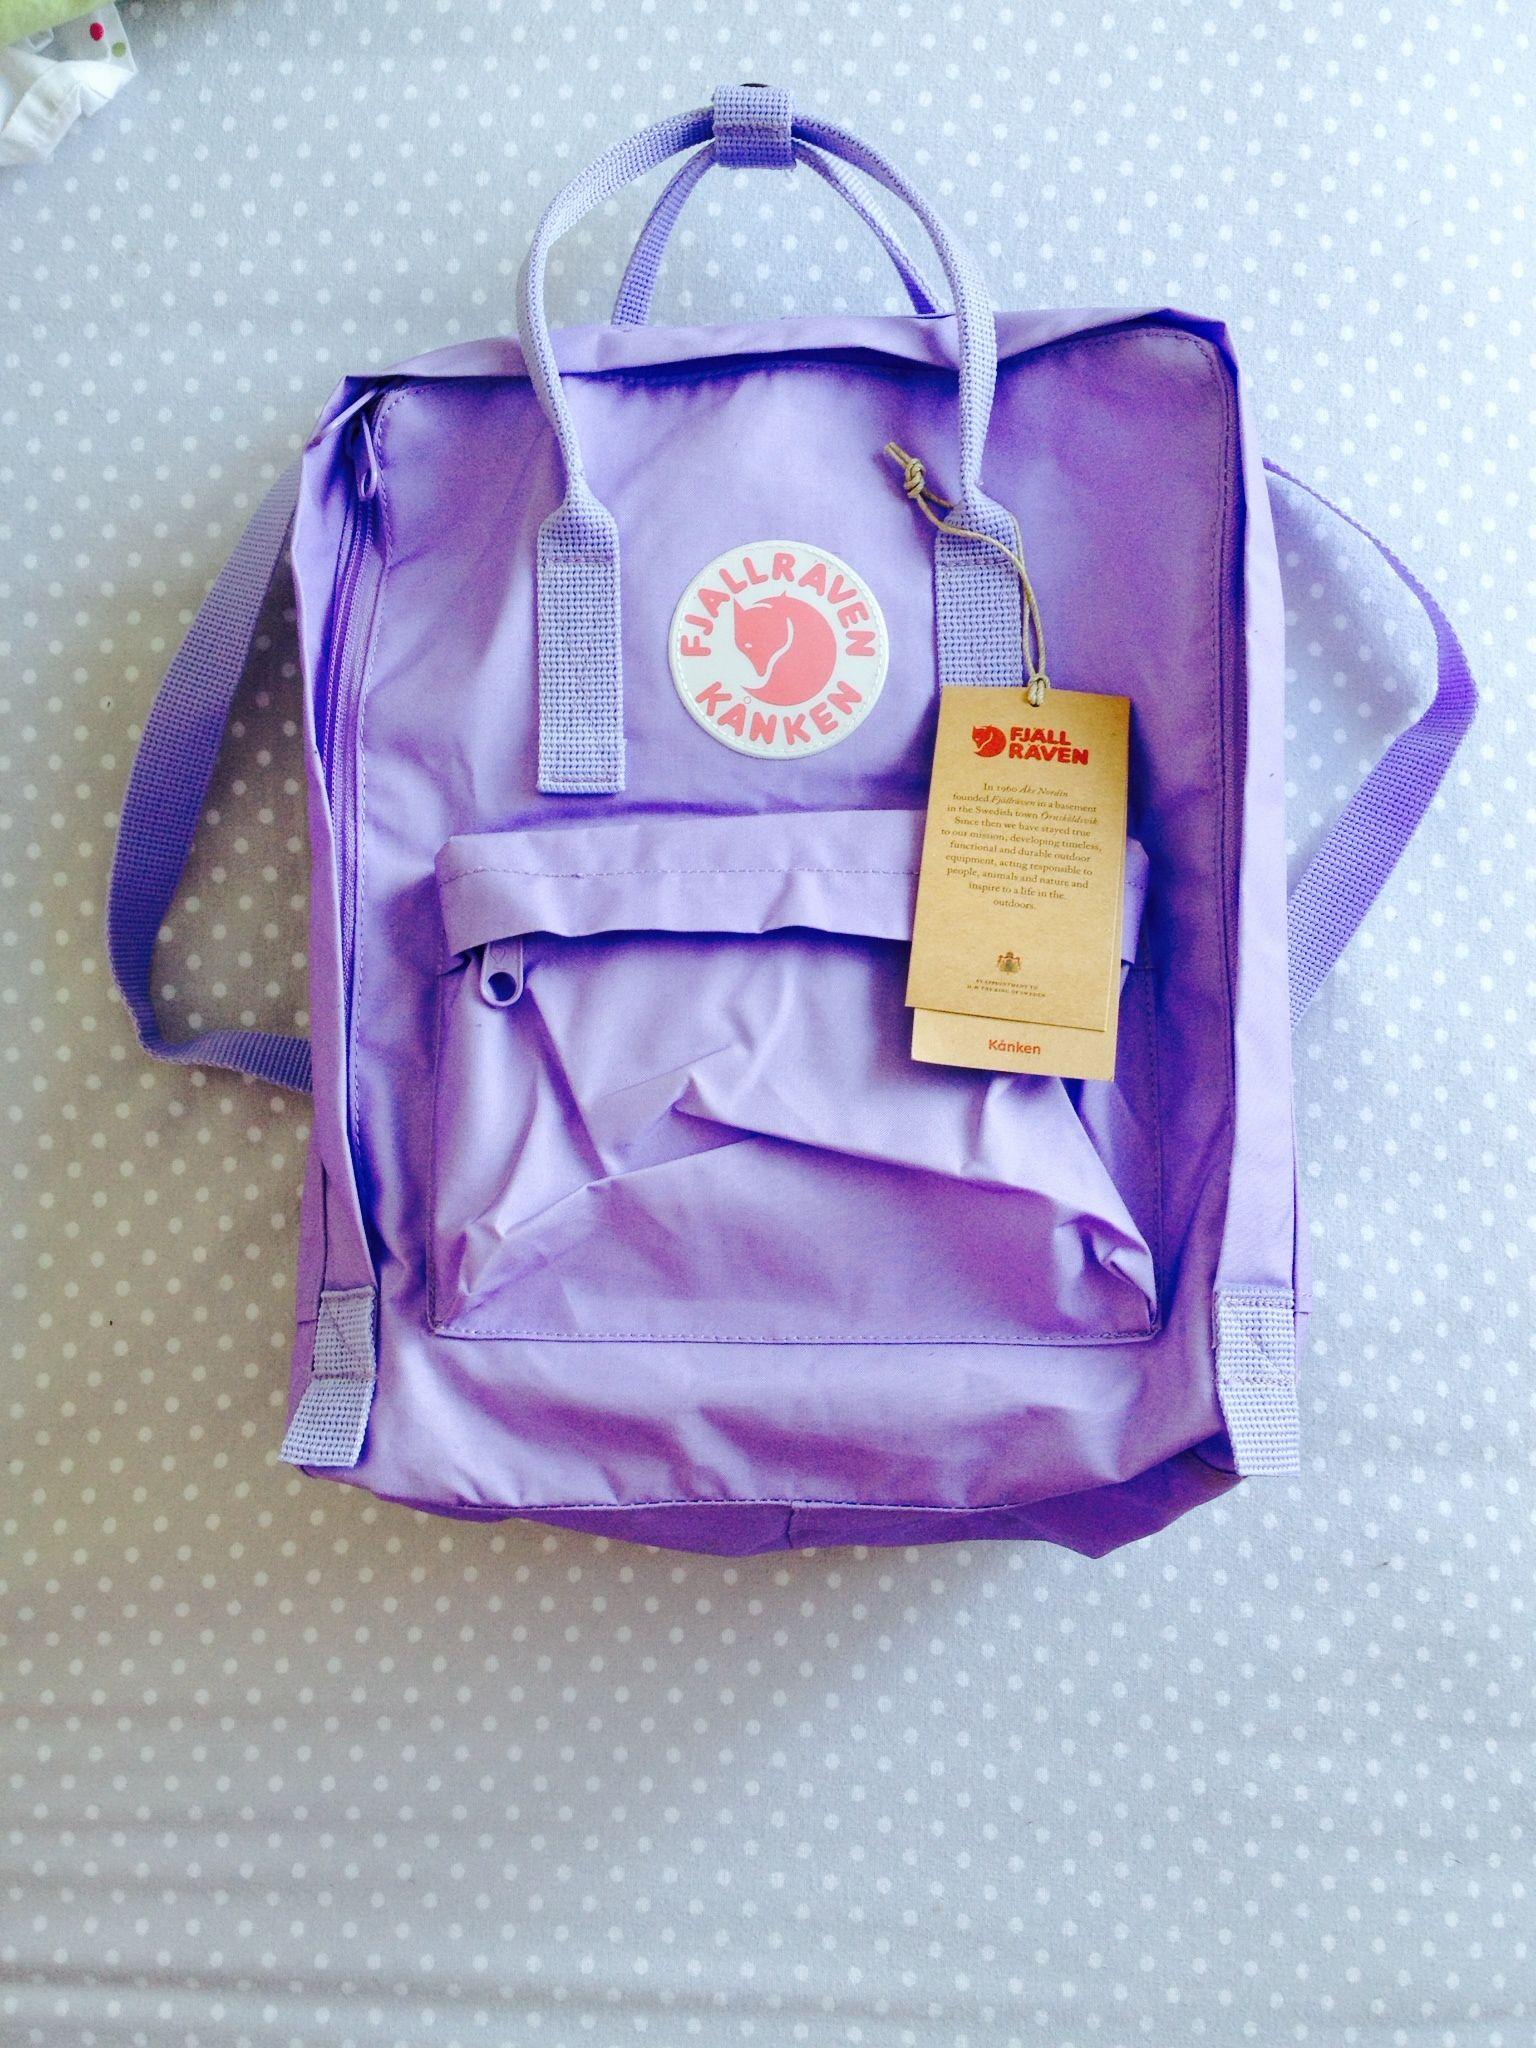 Fj 228 Llr 228 Ven Vs Herschel May The Best Bag Win Bags Fjallraven Kanken Best Bags